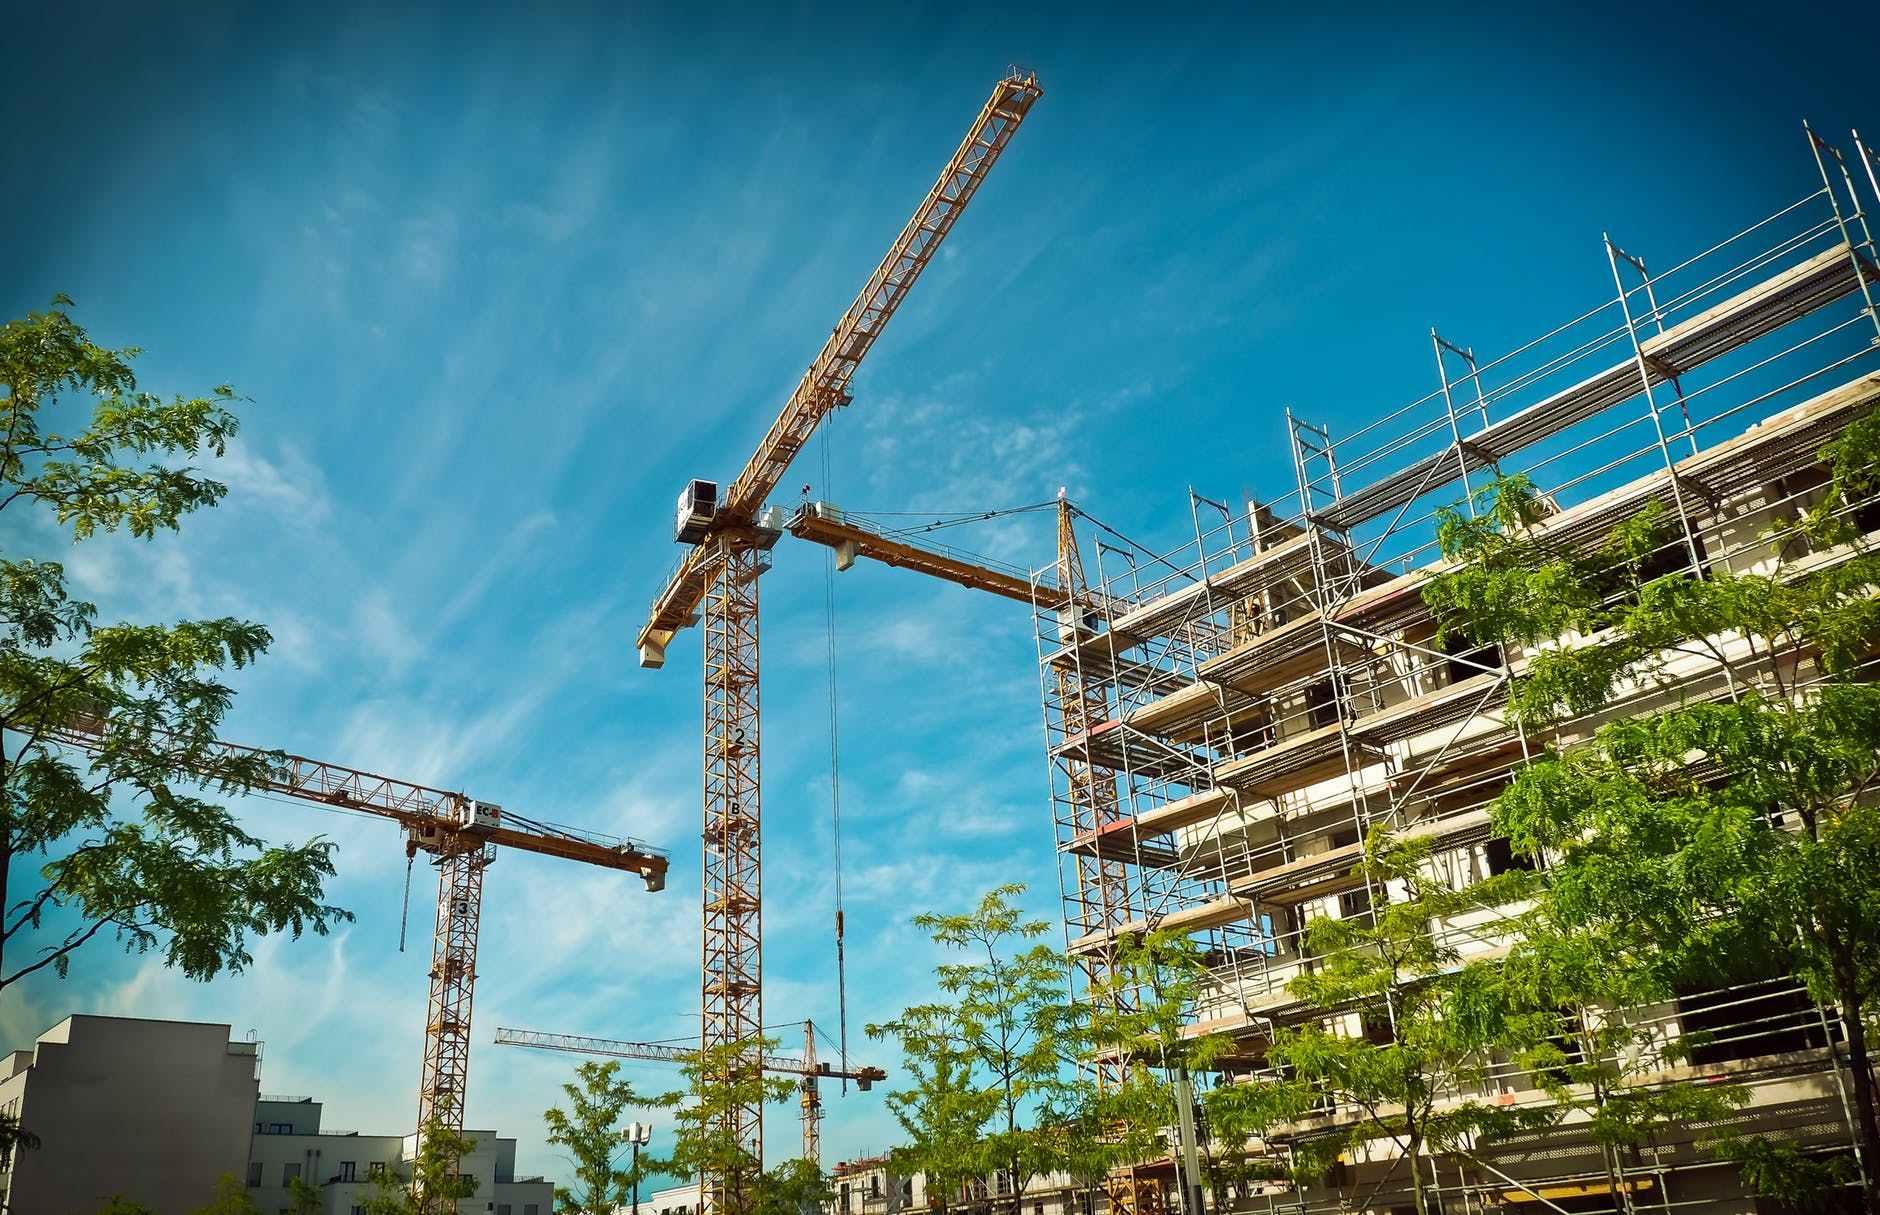 广东东莞发布公积金新政,公积金调整会怎么改变房地产?: